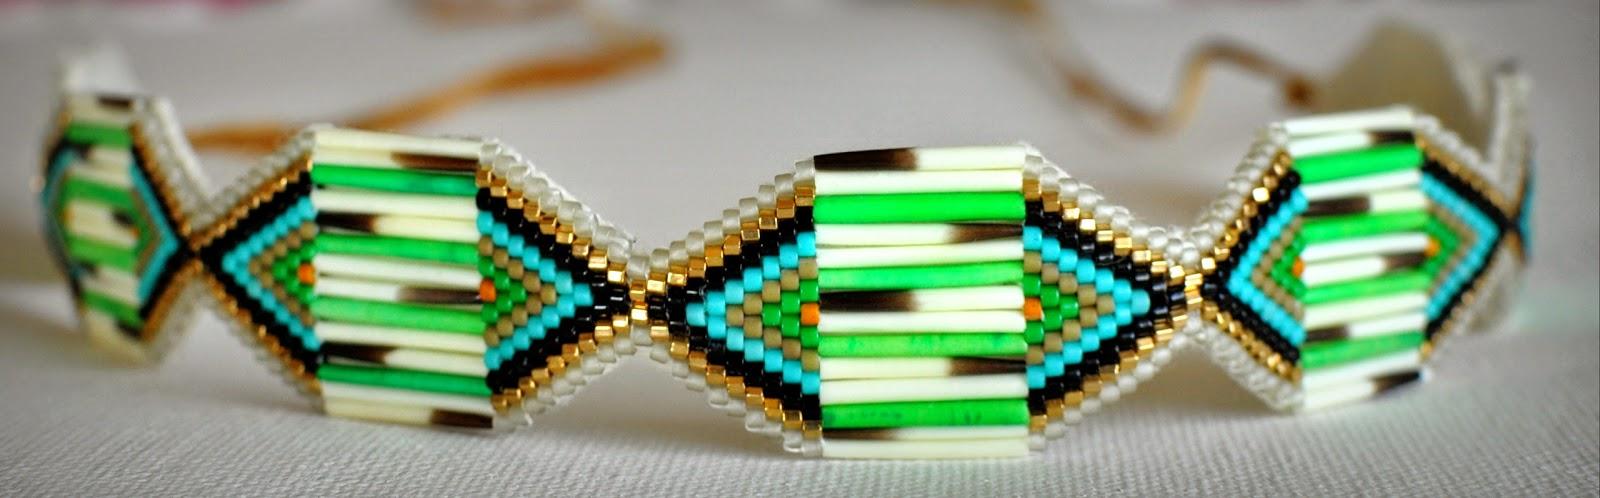 Jewelry by Caroline Belchert.